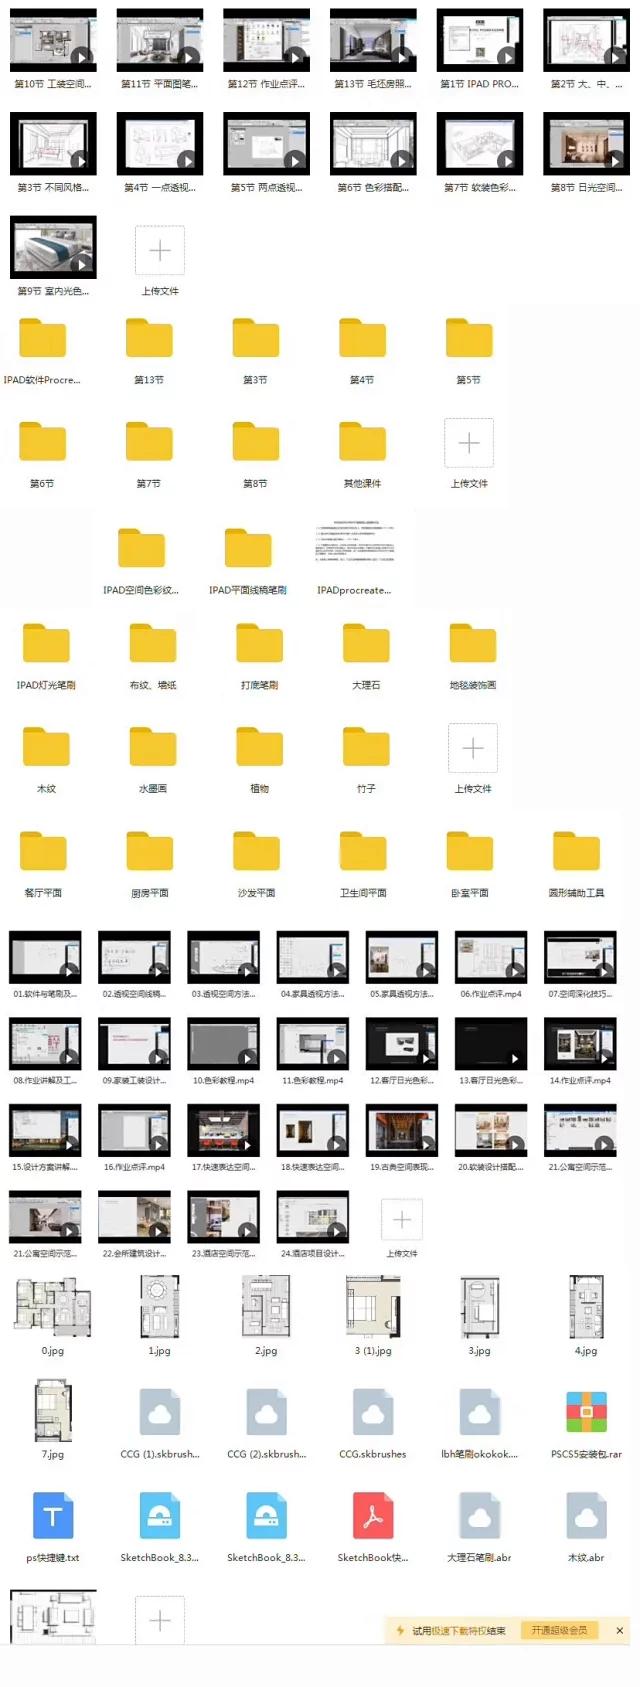 室内设计师ipadPro教程室内手绘实用县城、纯小数字平面设计工资是多少图片